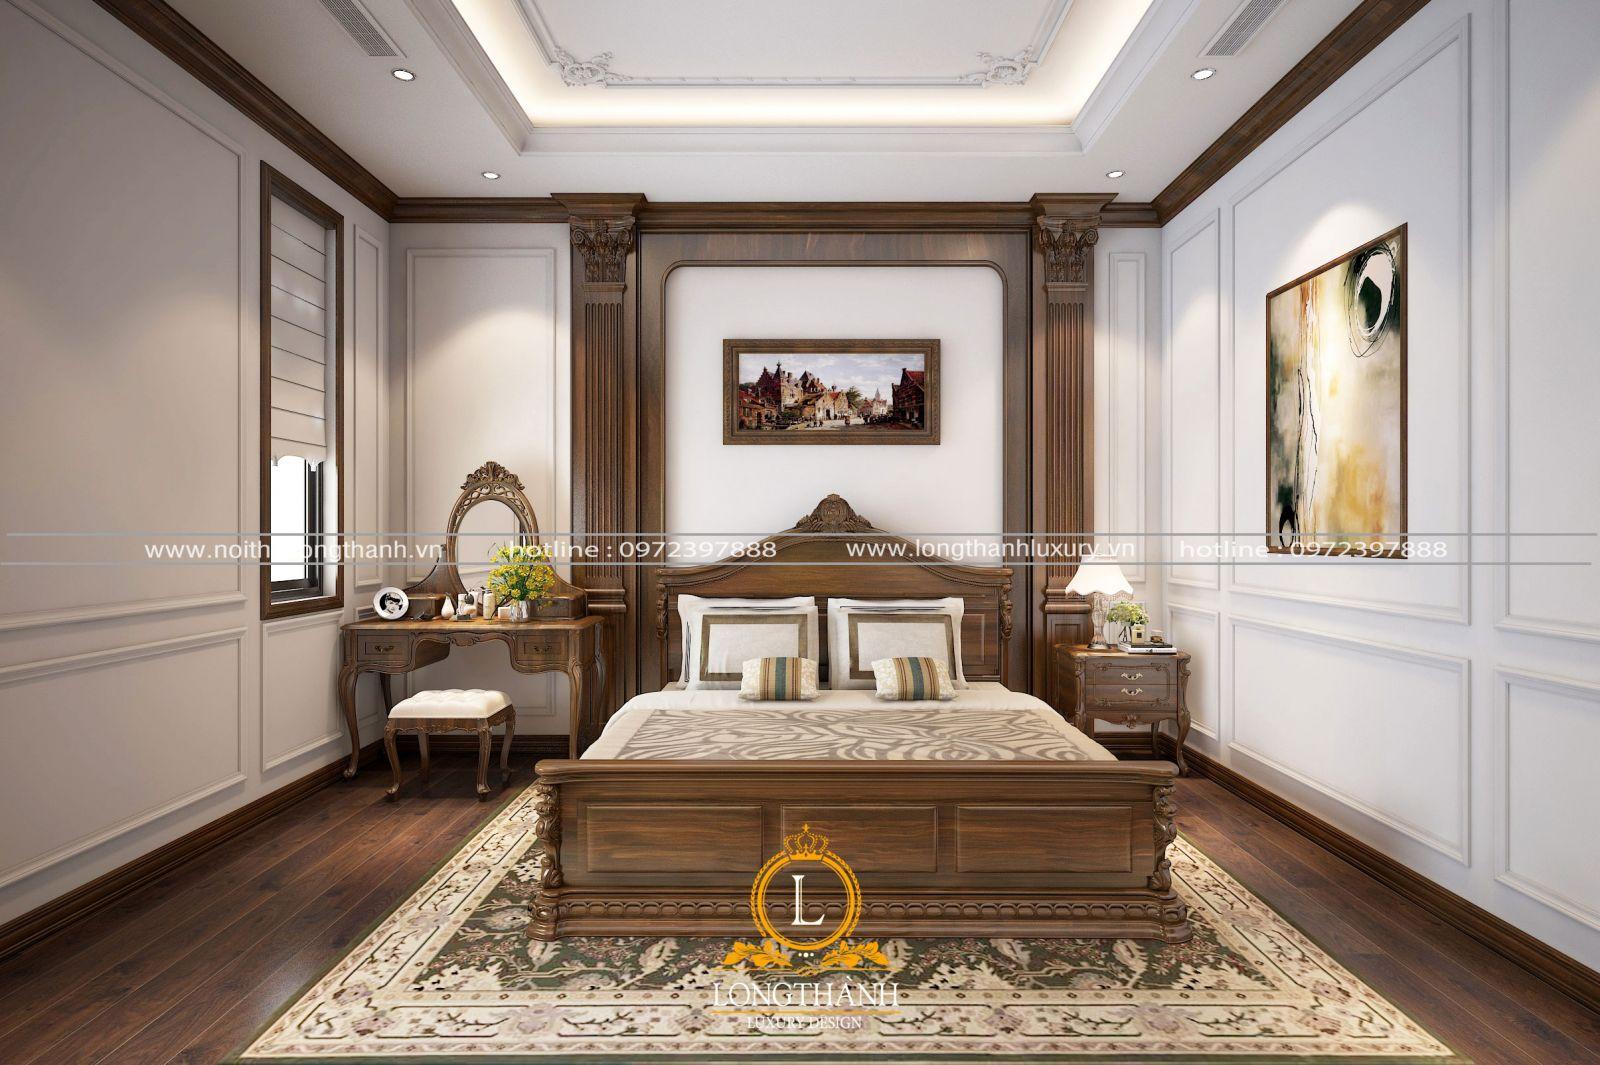 Nội thất phòng ngủ cho những người thích sự nhẹ nhàng